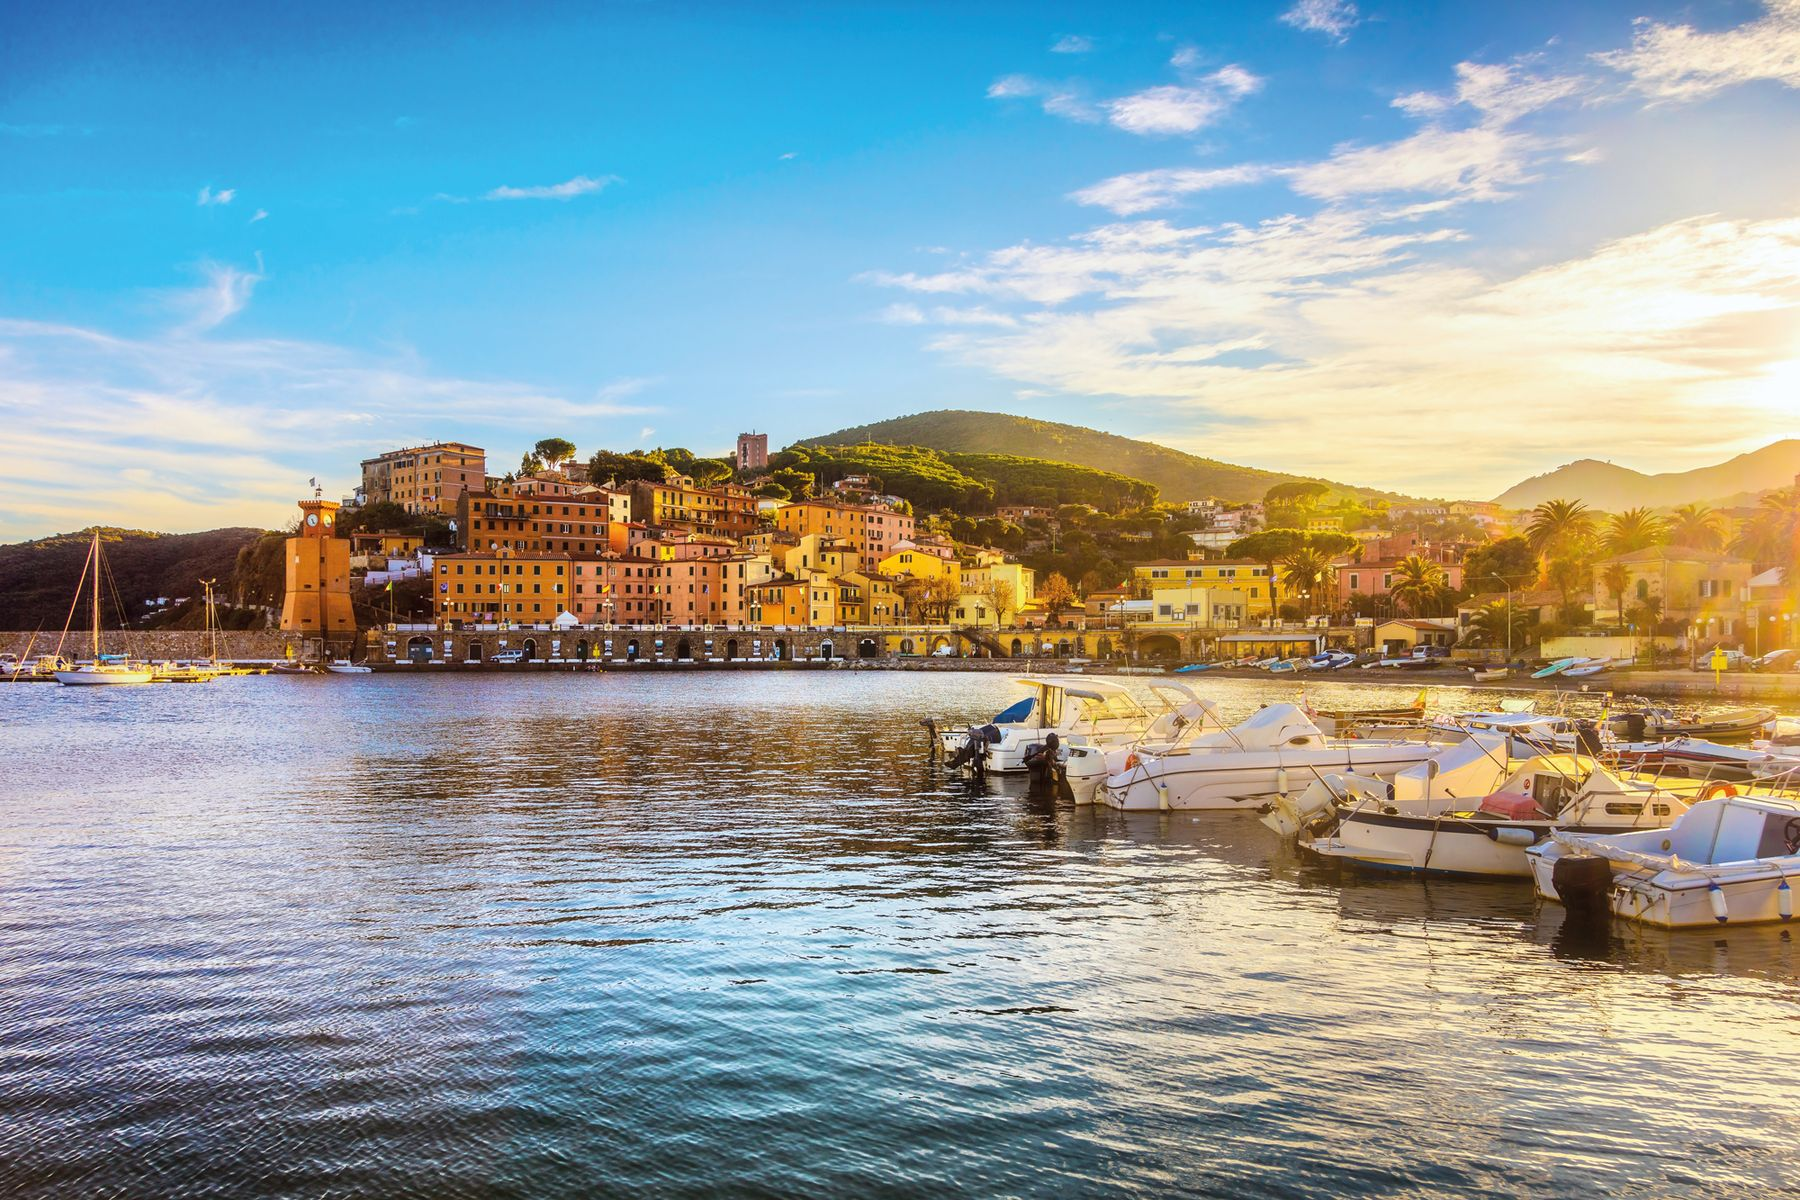 Elba island Rio Marina village bay. Bay beach and lighthouse. Tuscany Italy. 905445024 7000x4667